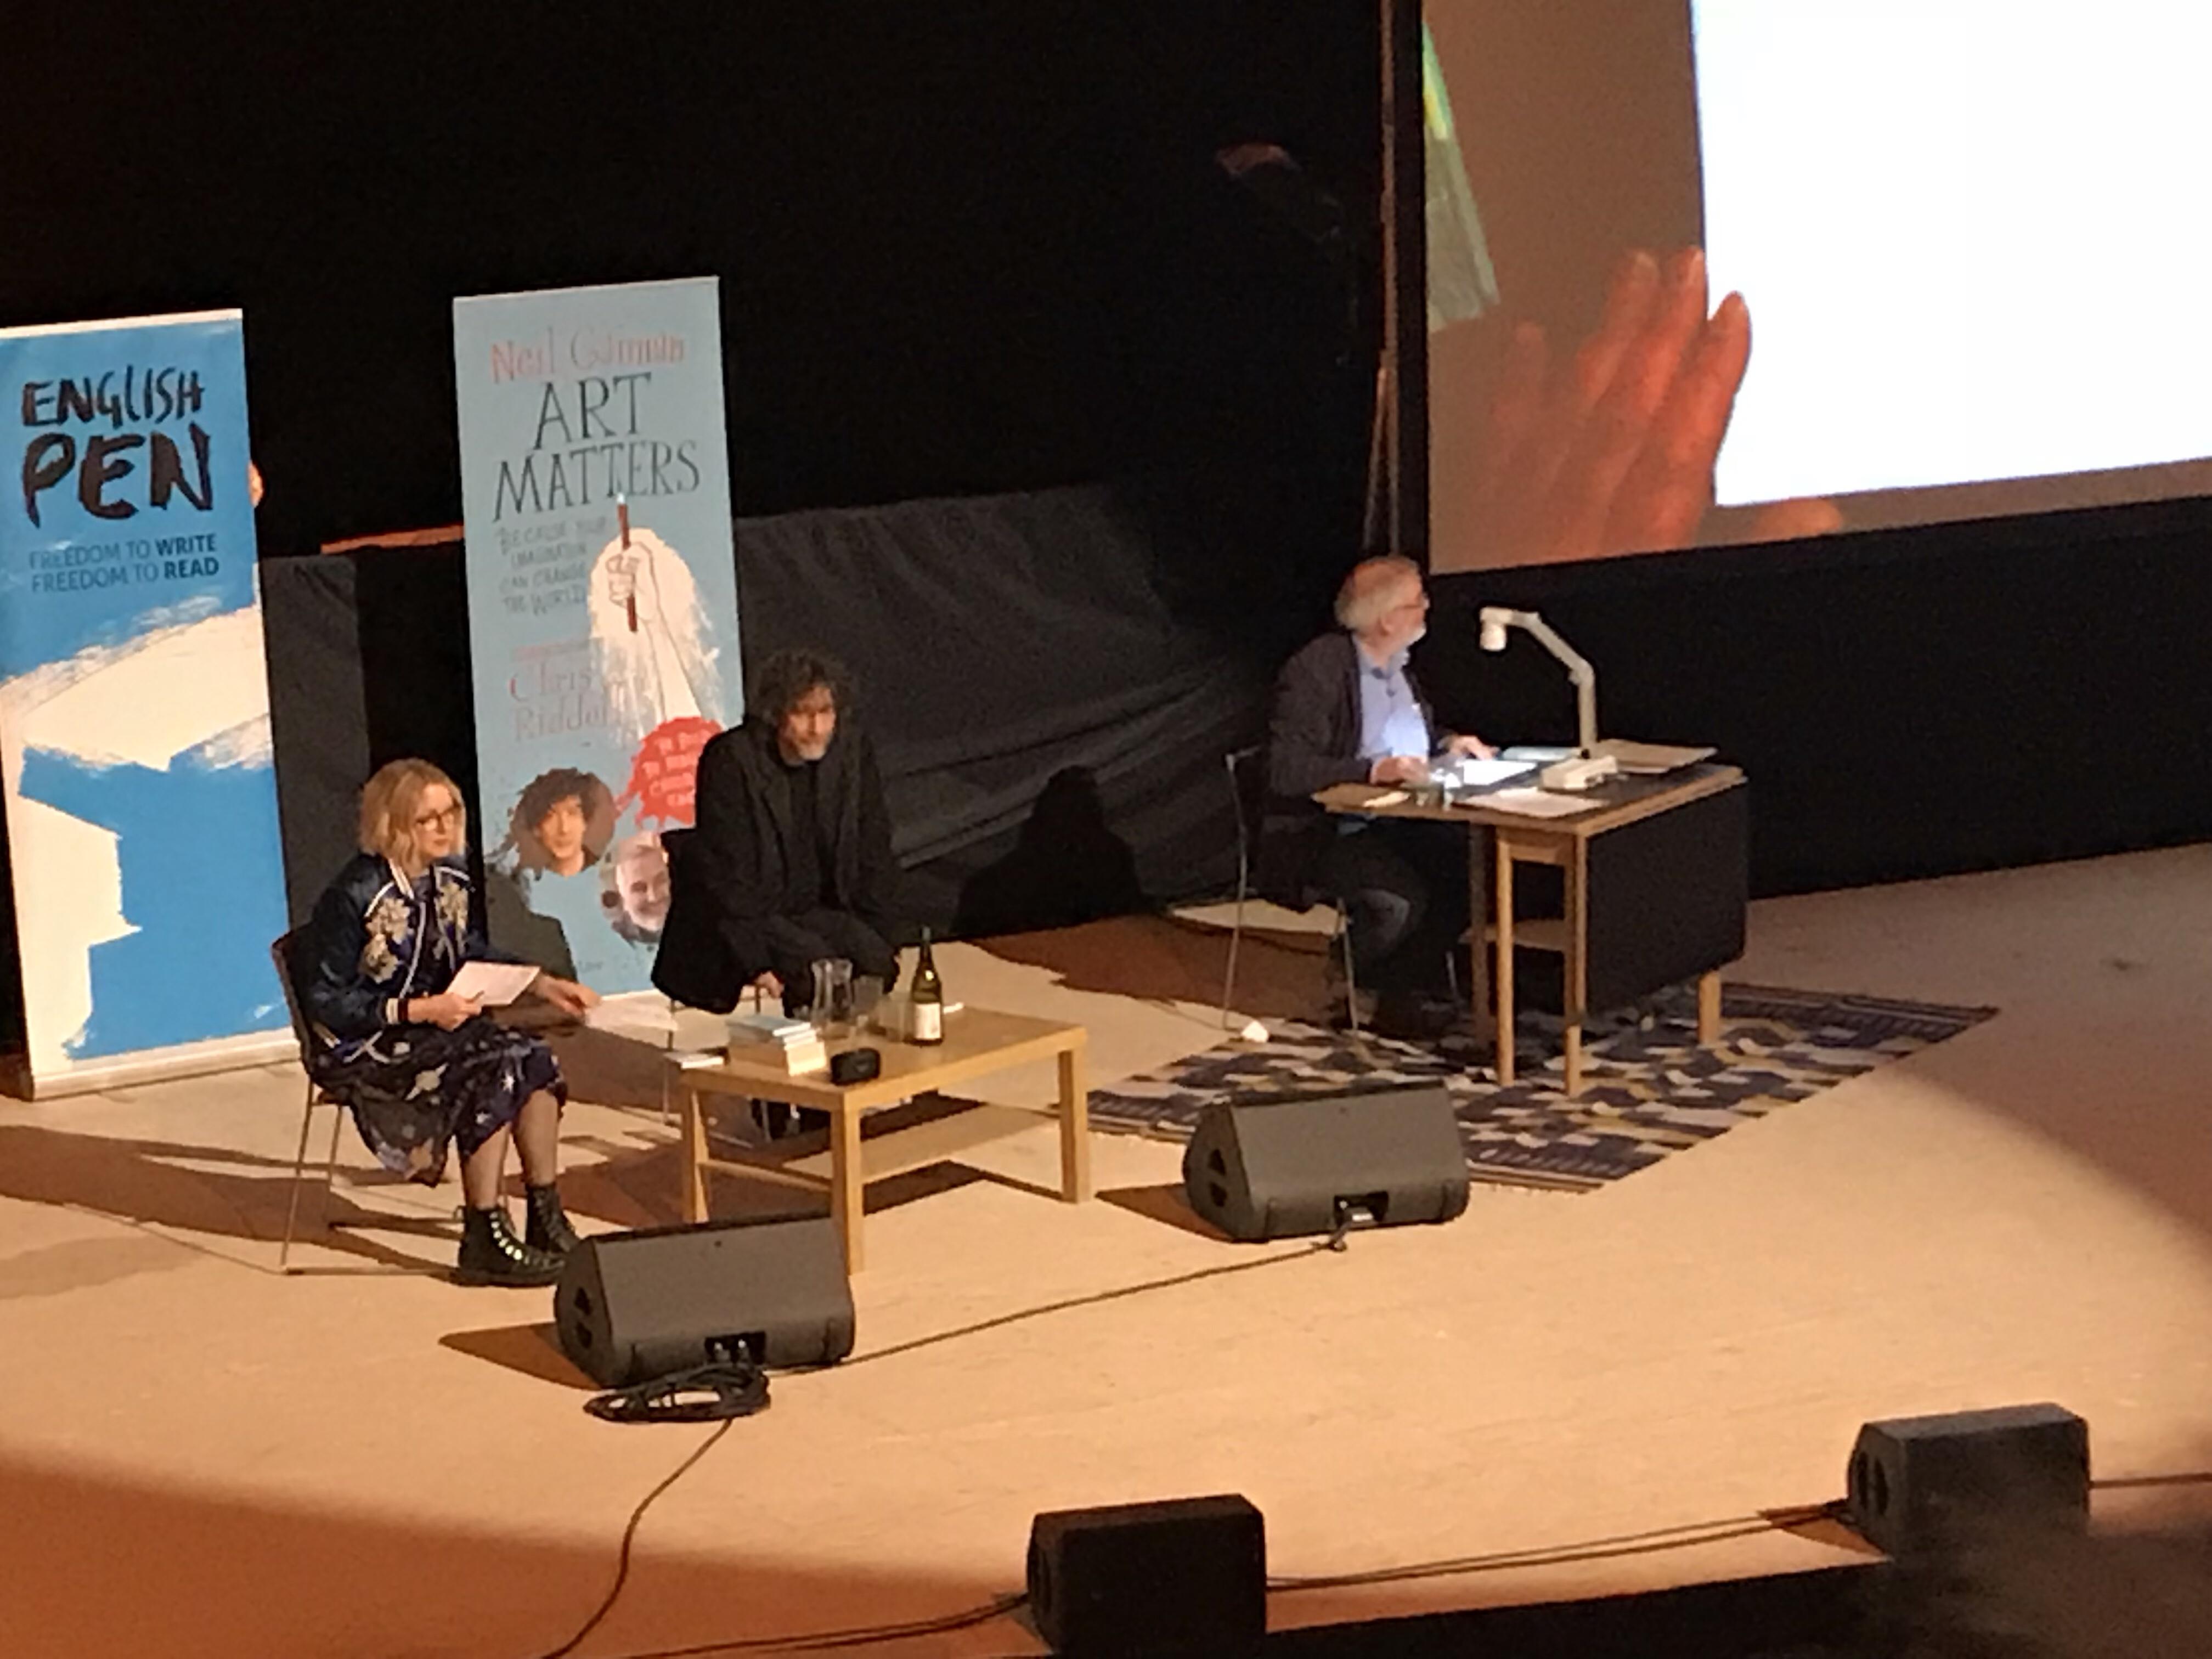 Art Matters, Neil Gaiman, Chris Riddell, EartH, Hackney, Lauren Laverne, Handmade Haven